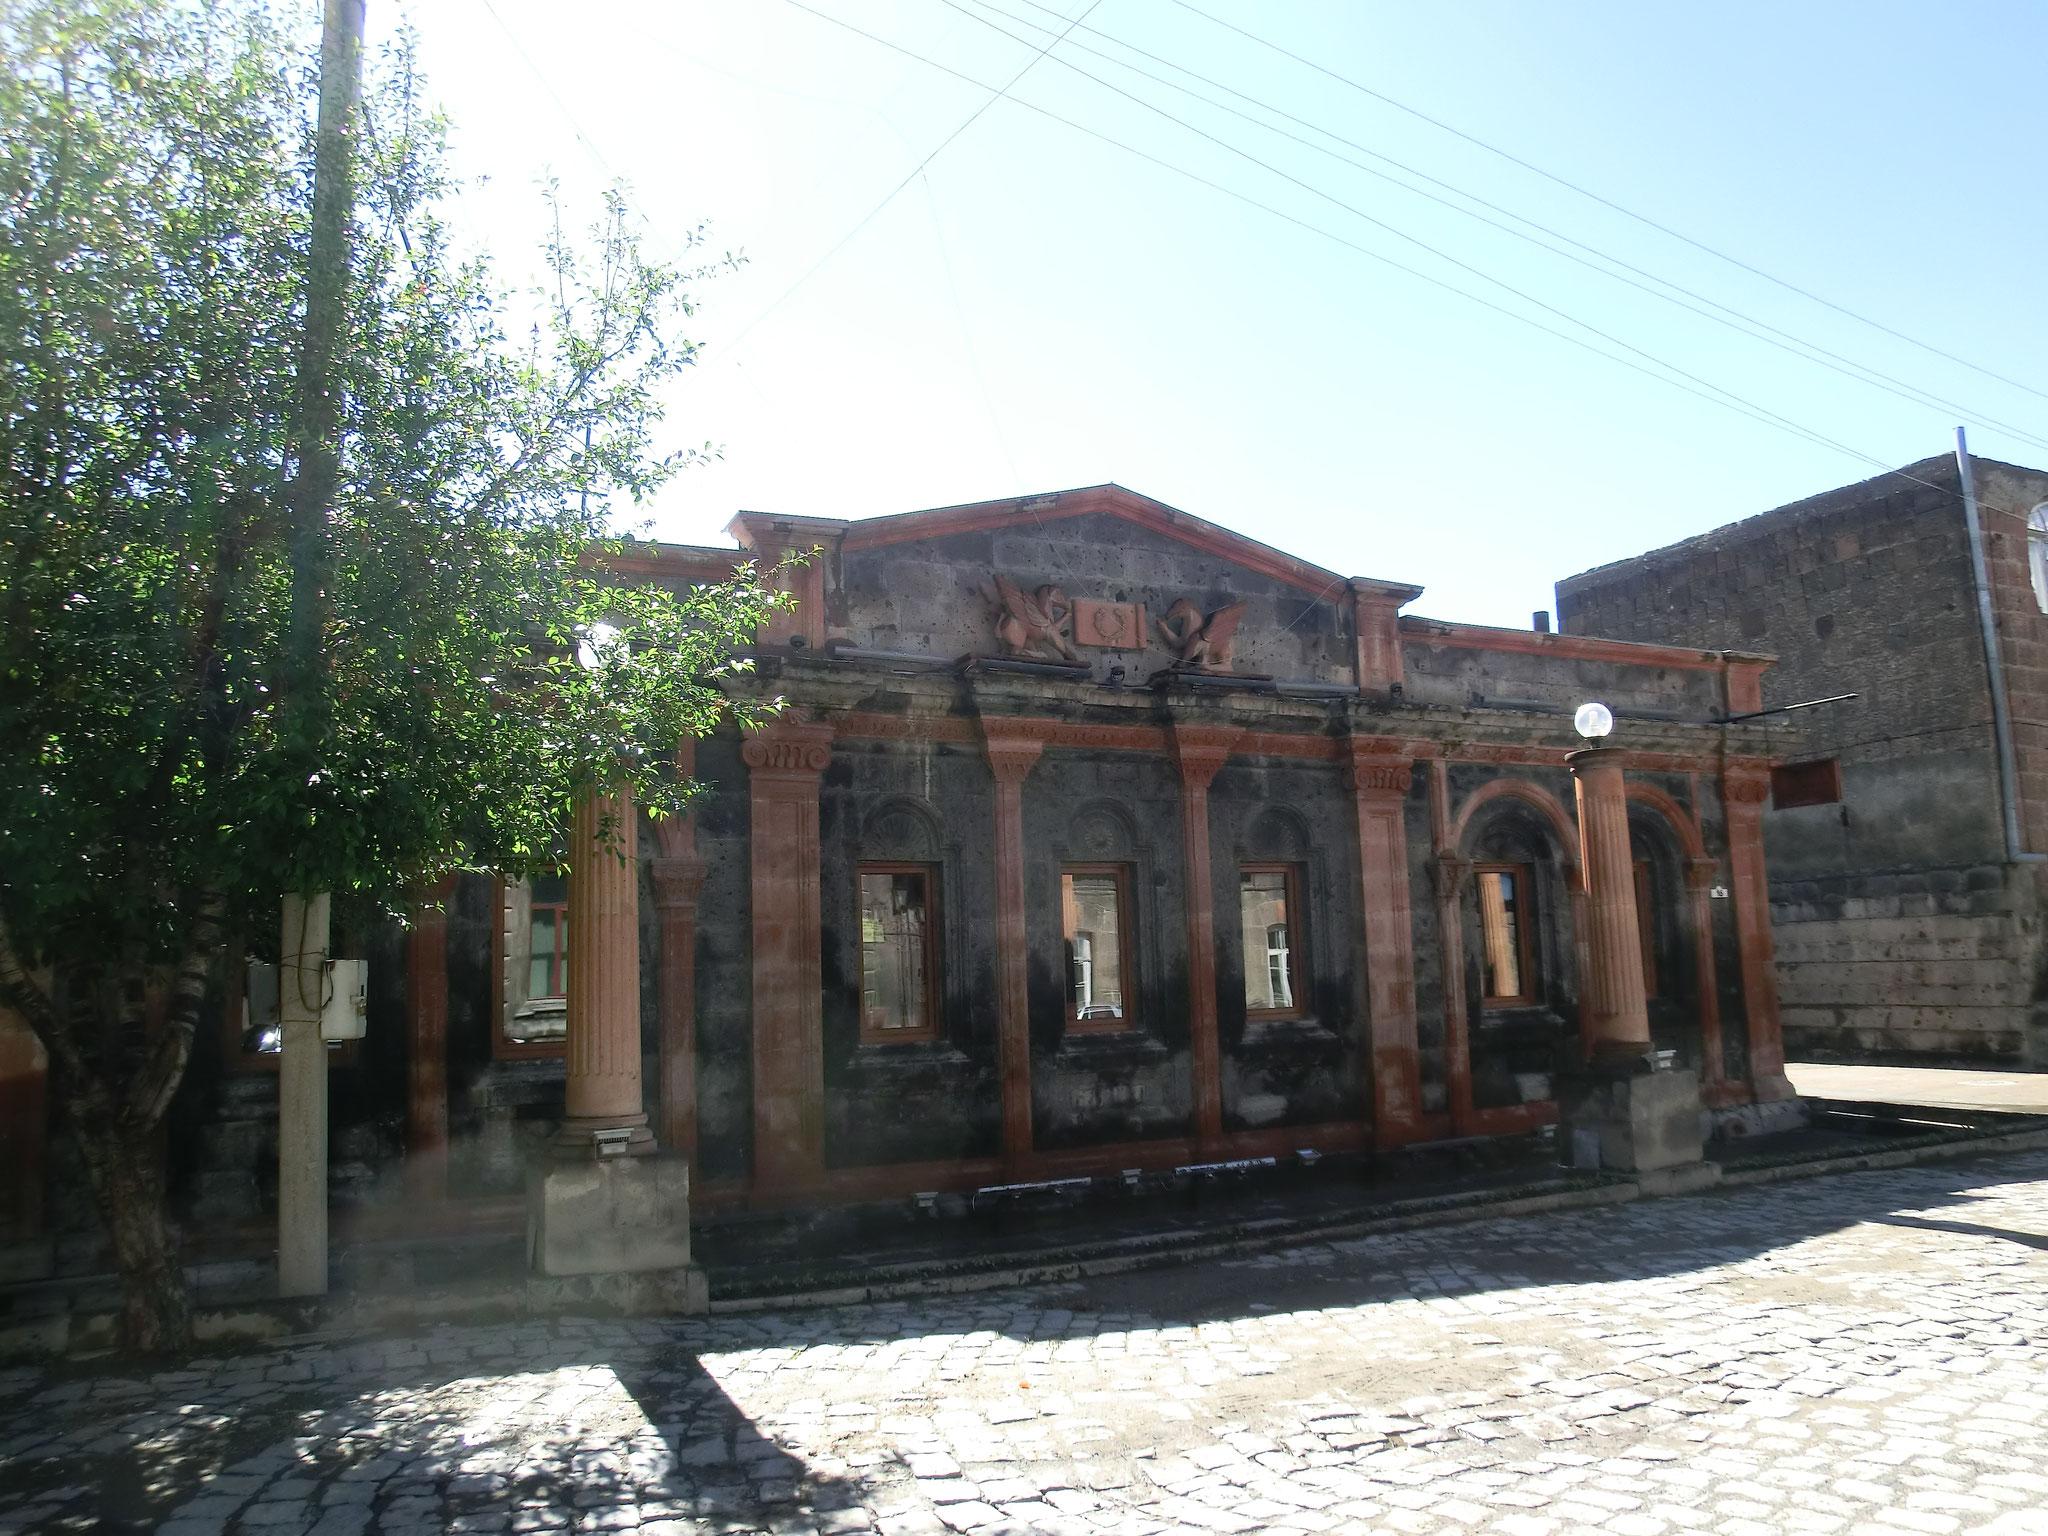 ... und gegenüber die älteste Kneipe der Stadt